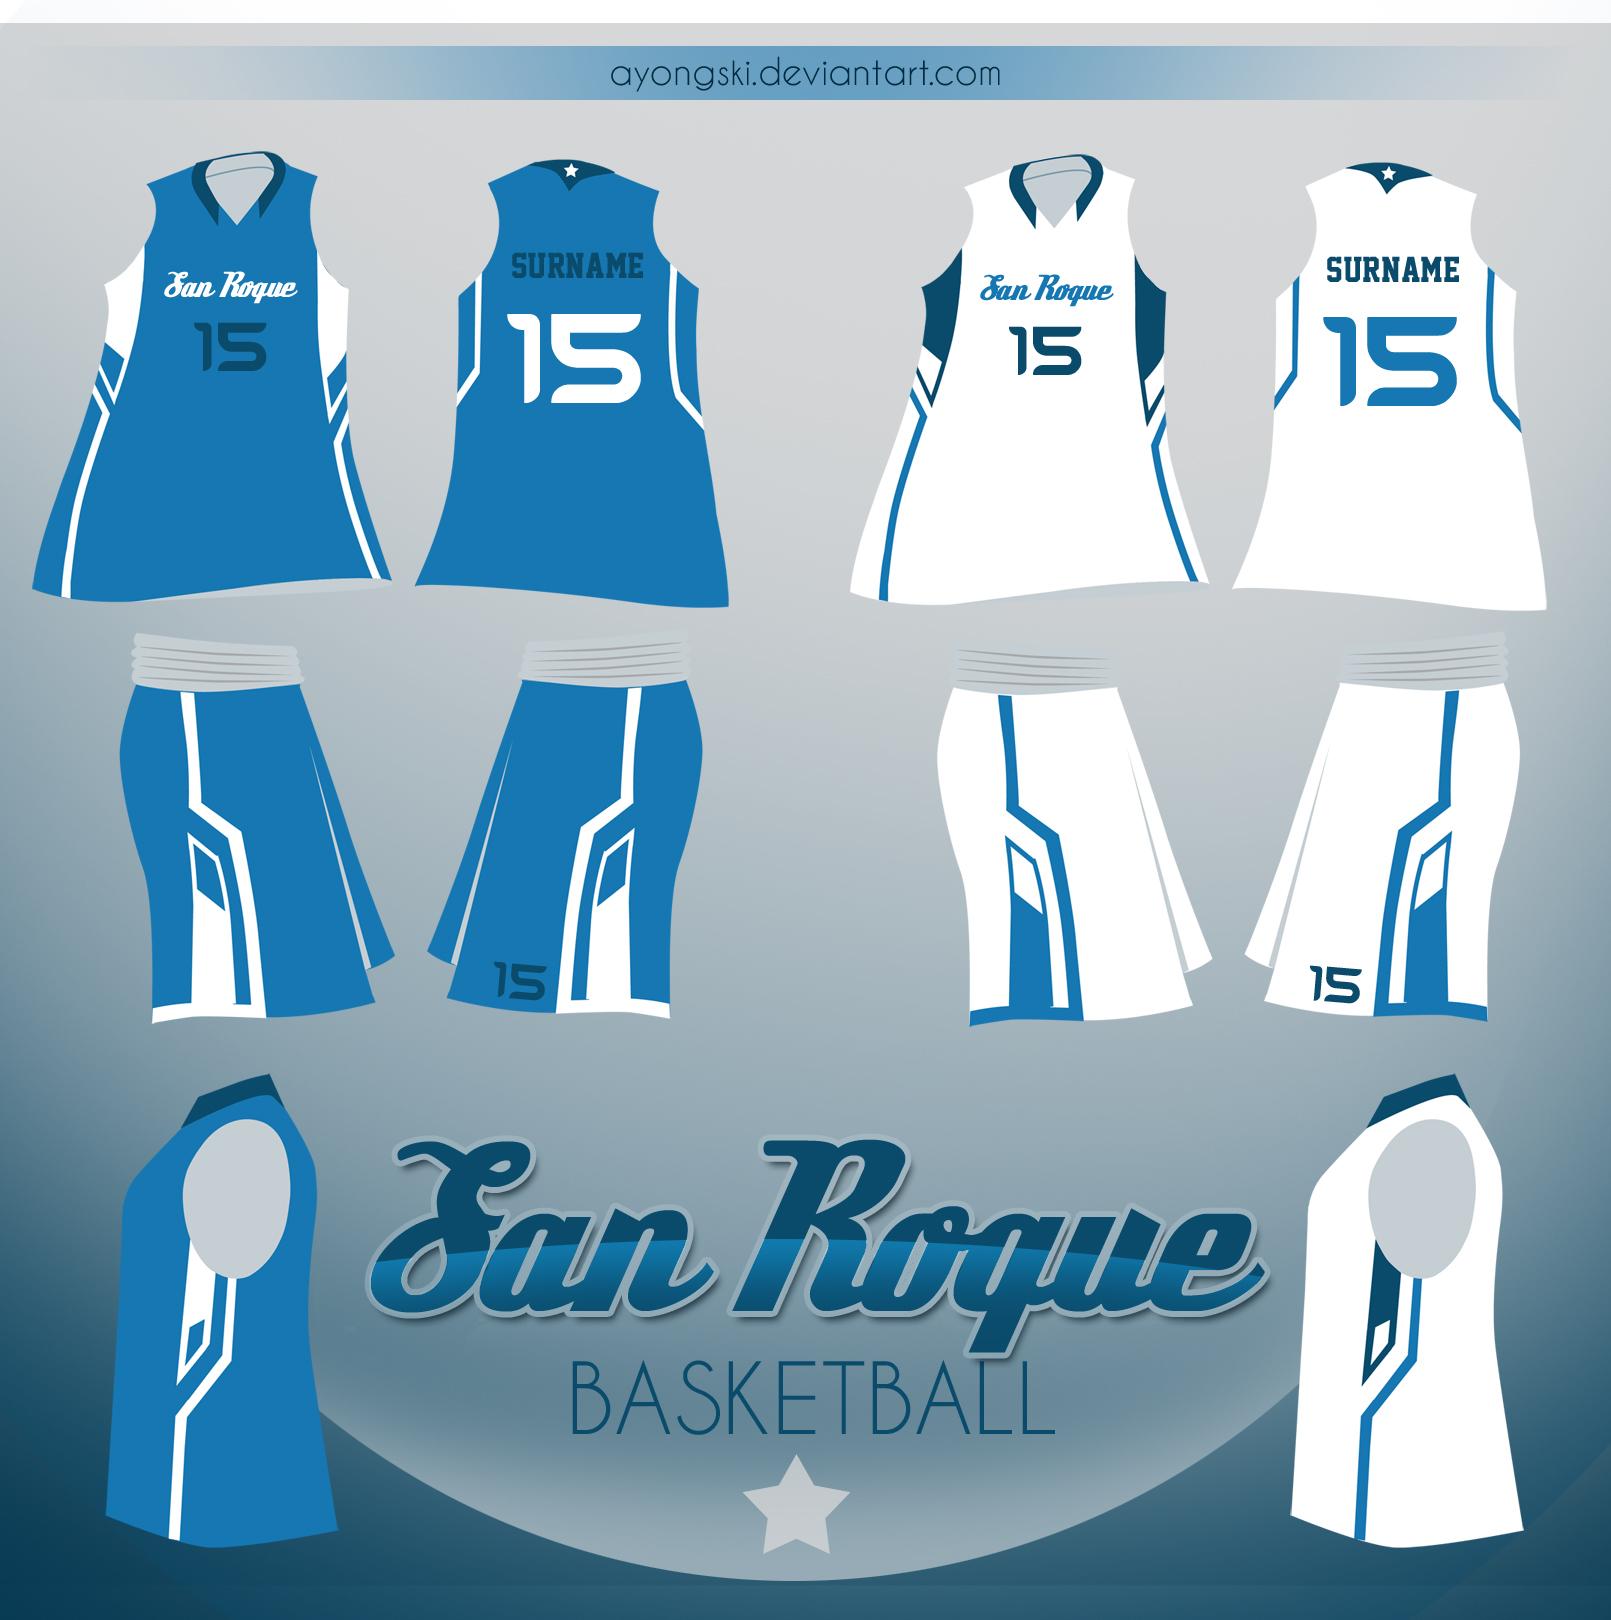 Shirt design jersey - San Roque Basketball Jersey By Ayongski San Roque Basketball Jersey By Ayongski